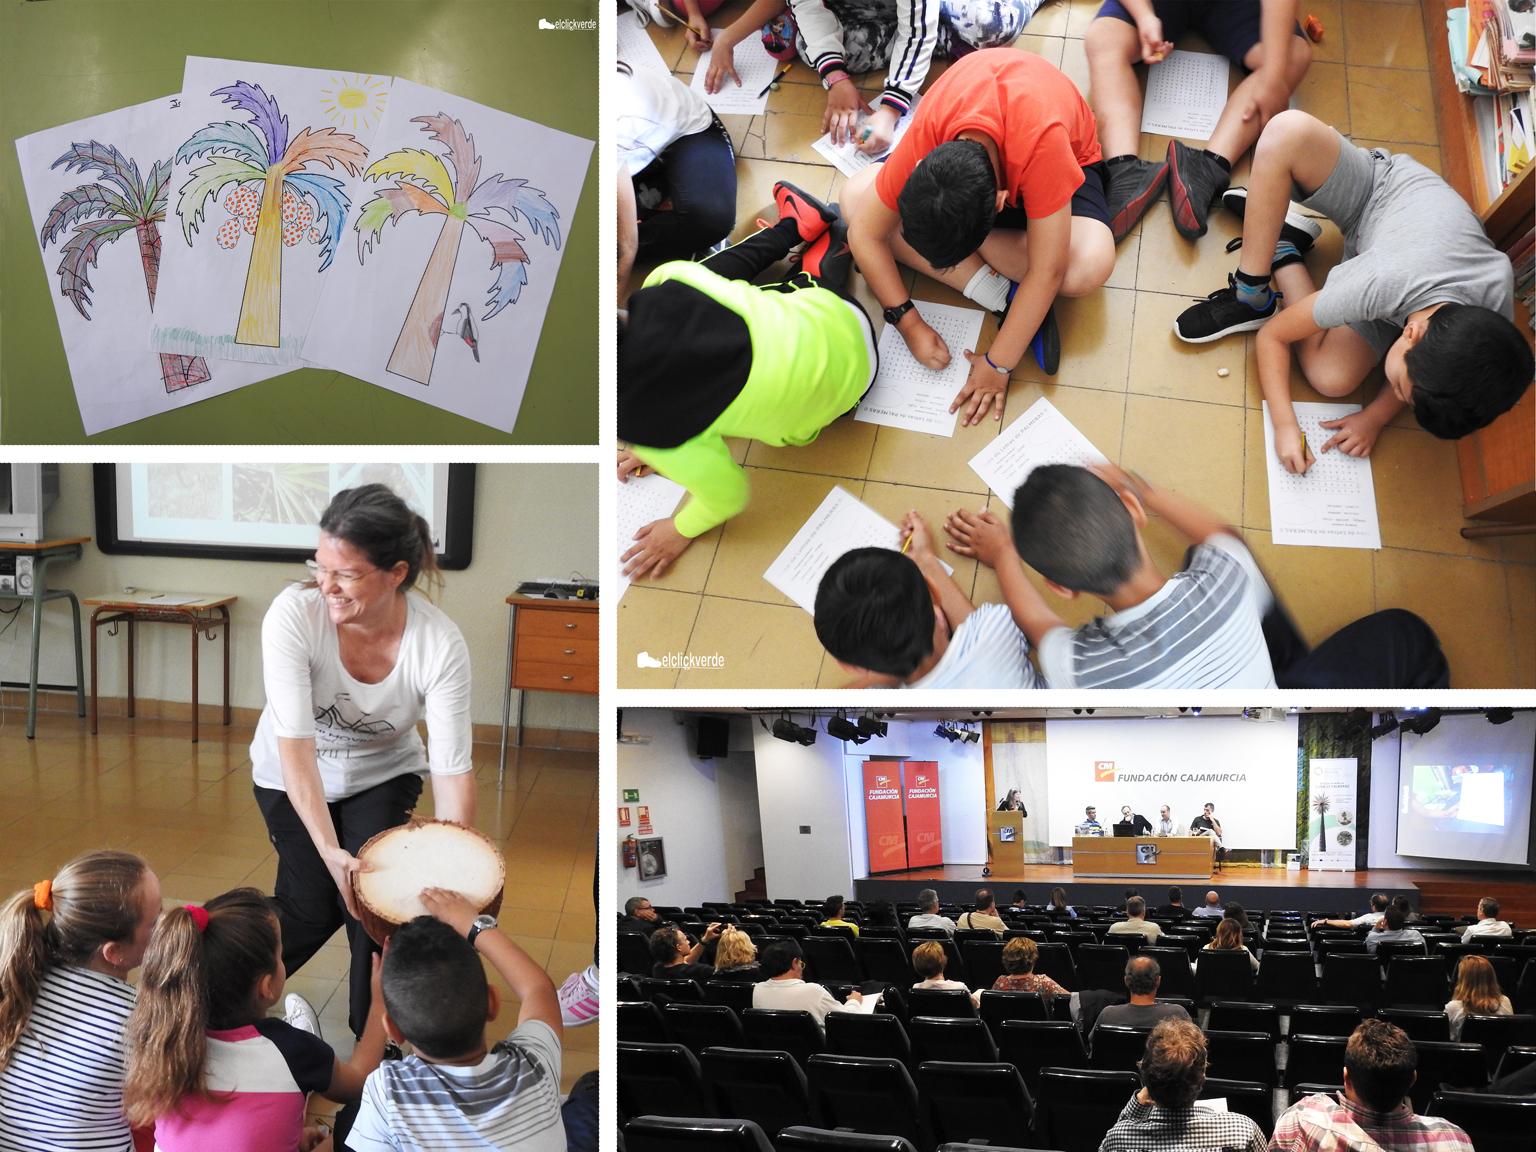 Imágenes de las visitas a los colegios, donde los escolares colorearon dibujos de palmeras, hicieron sopas de letras o tocaron un estípite (tronco de palmera); y un momento de la jornada divulgativa